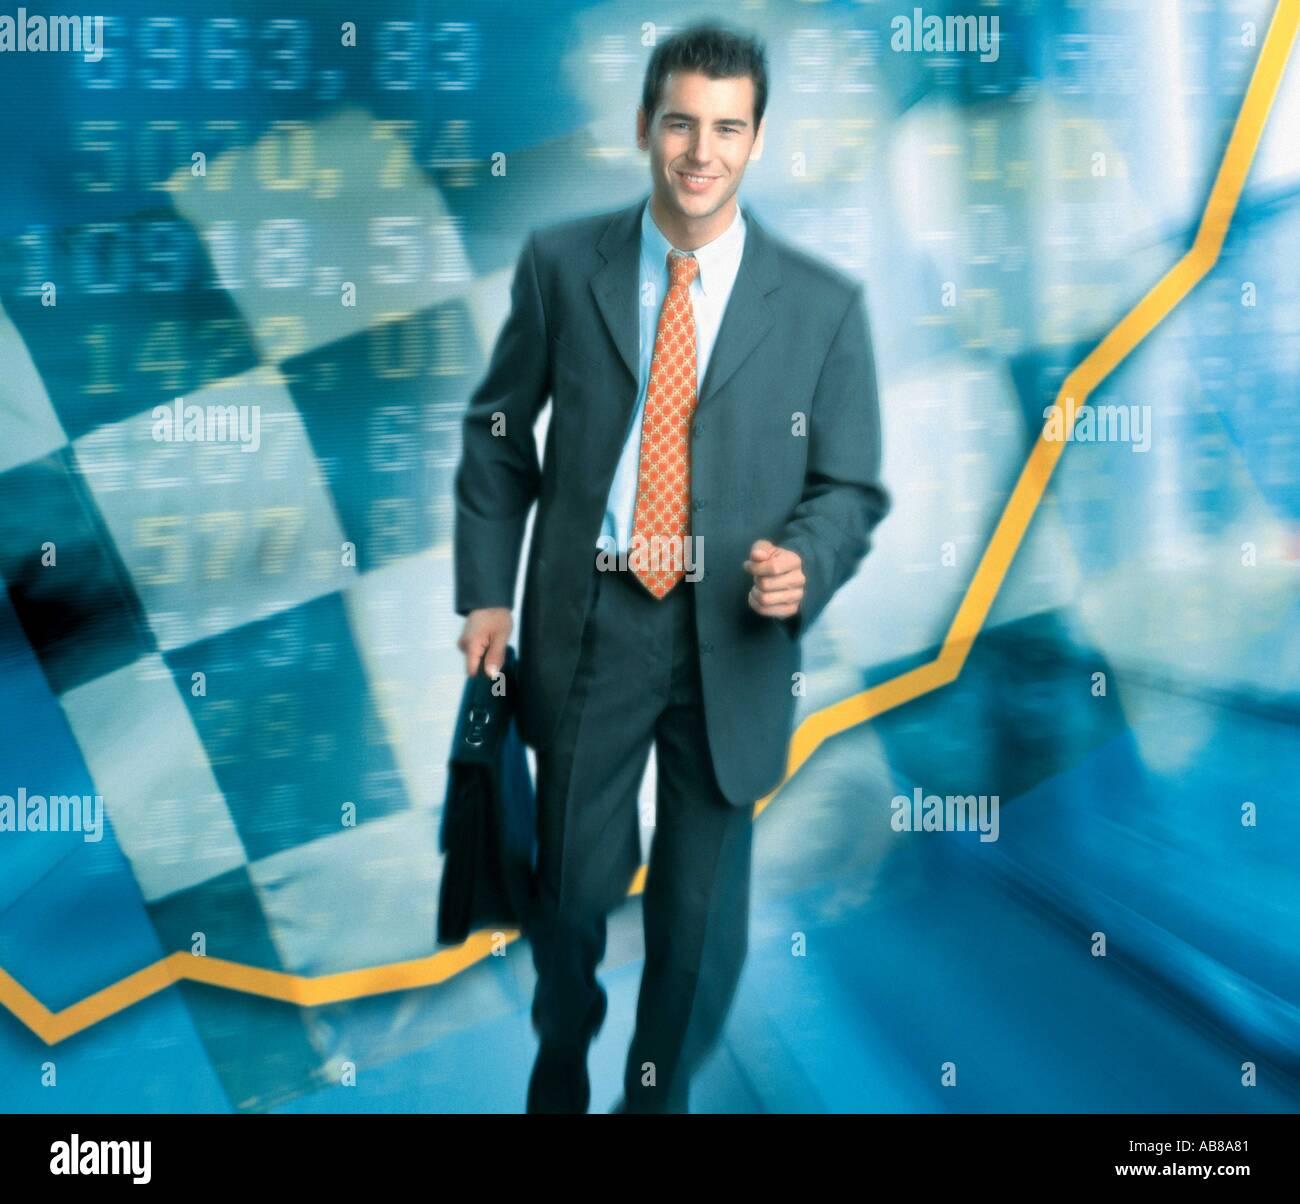 Economic growth - Stock Image